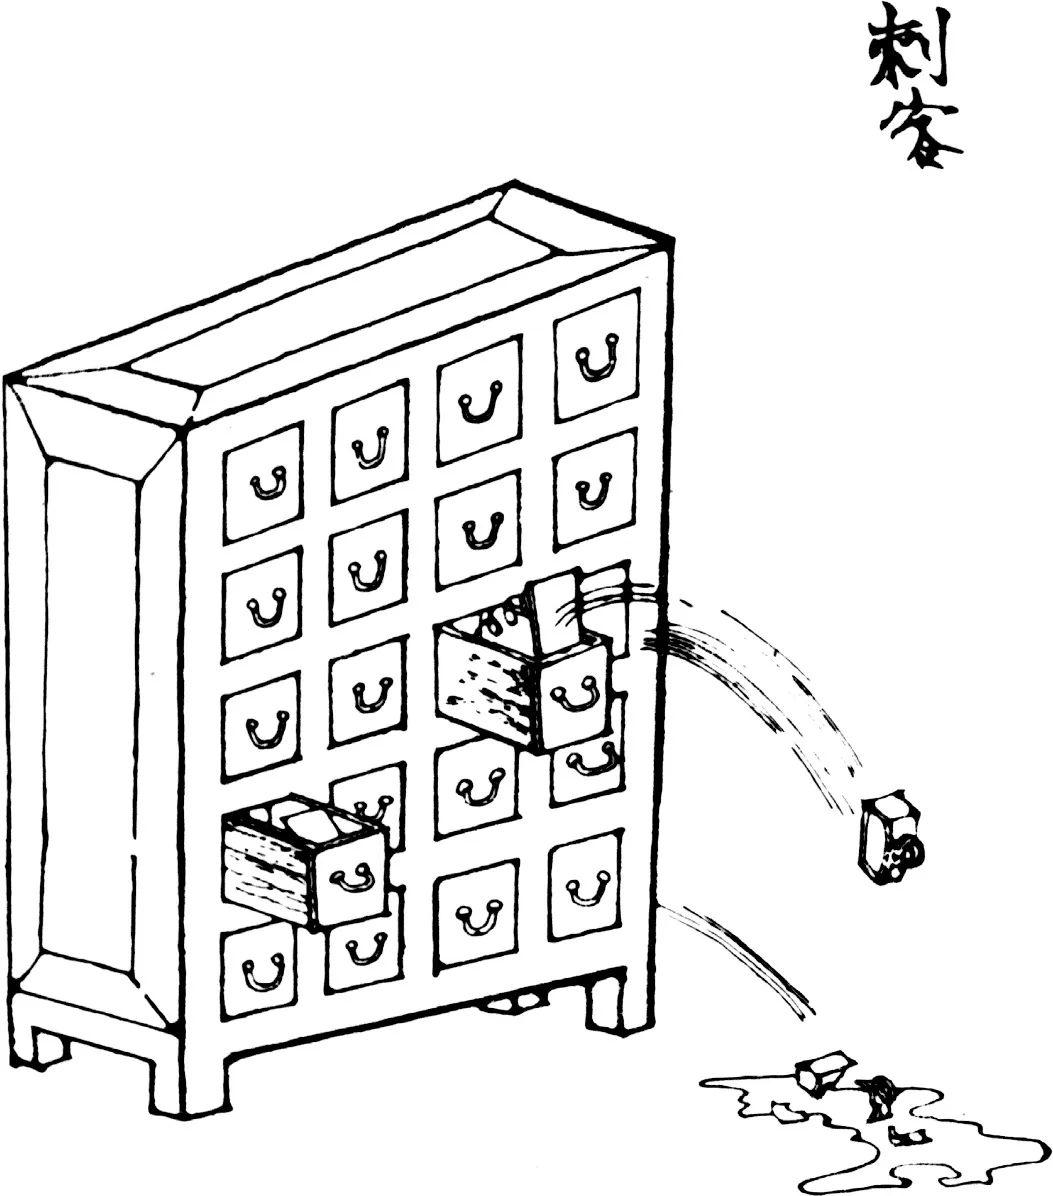 一个多抽屉的中药柜子。外表画地图。其中一个抽屉有弹簧装置,会弹出英雄牌红钢笔水。